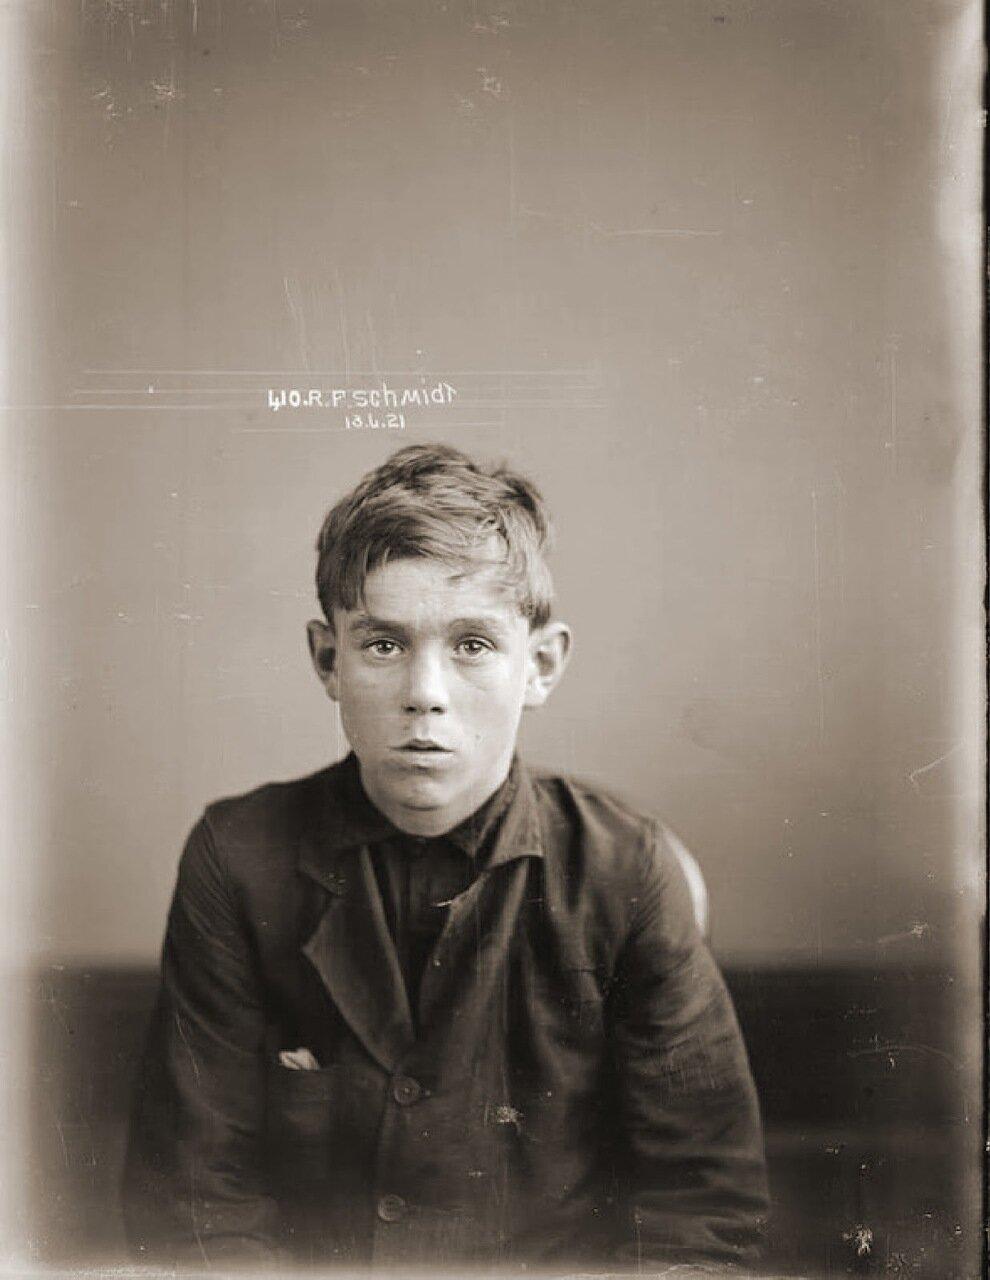 7.Маленький Шмидт – беспризорник, воришка. Работал на мафию, был курьером по передачи ценных записок между магазинами и притонами. При поимке полиции, моментально съедал ценные записки с указаниями